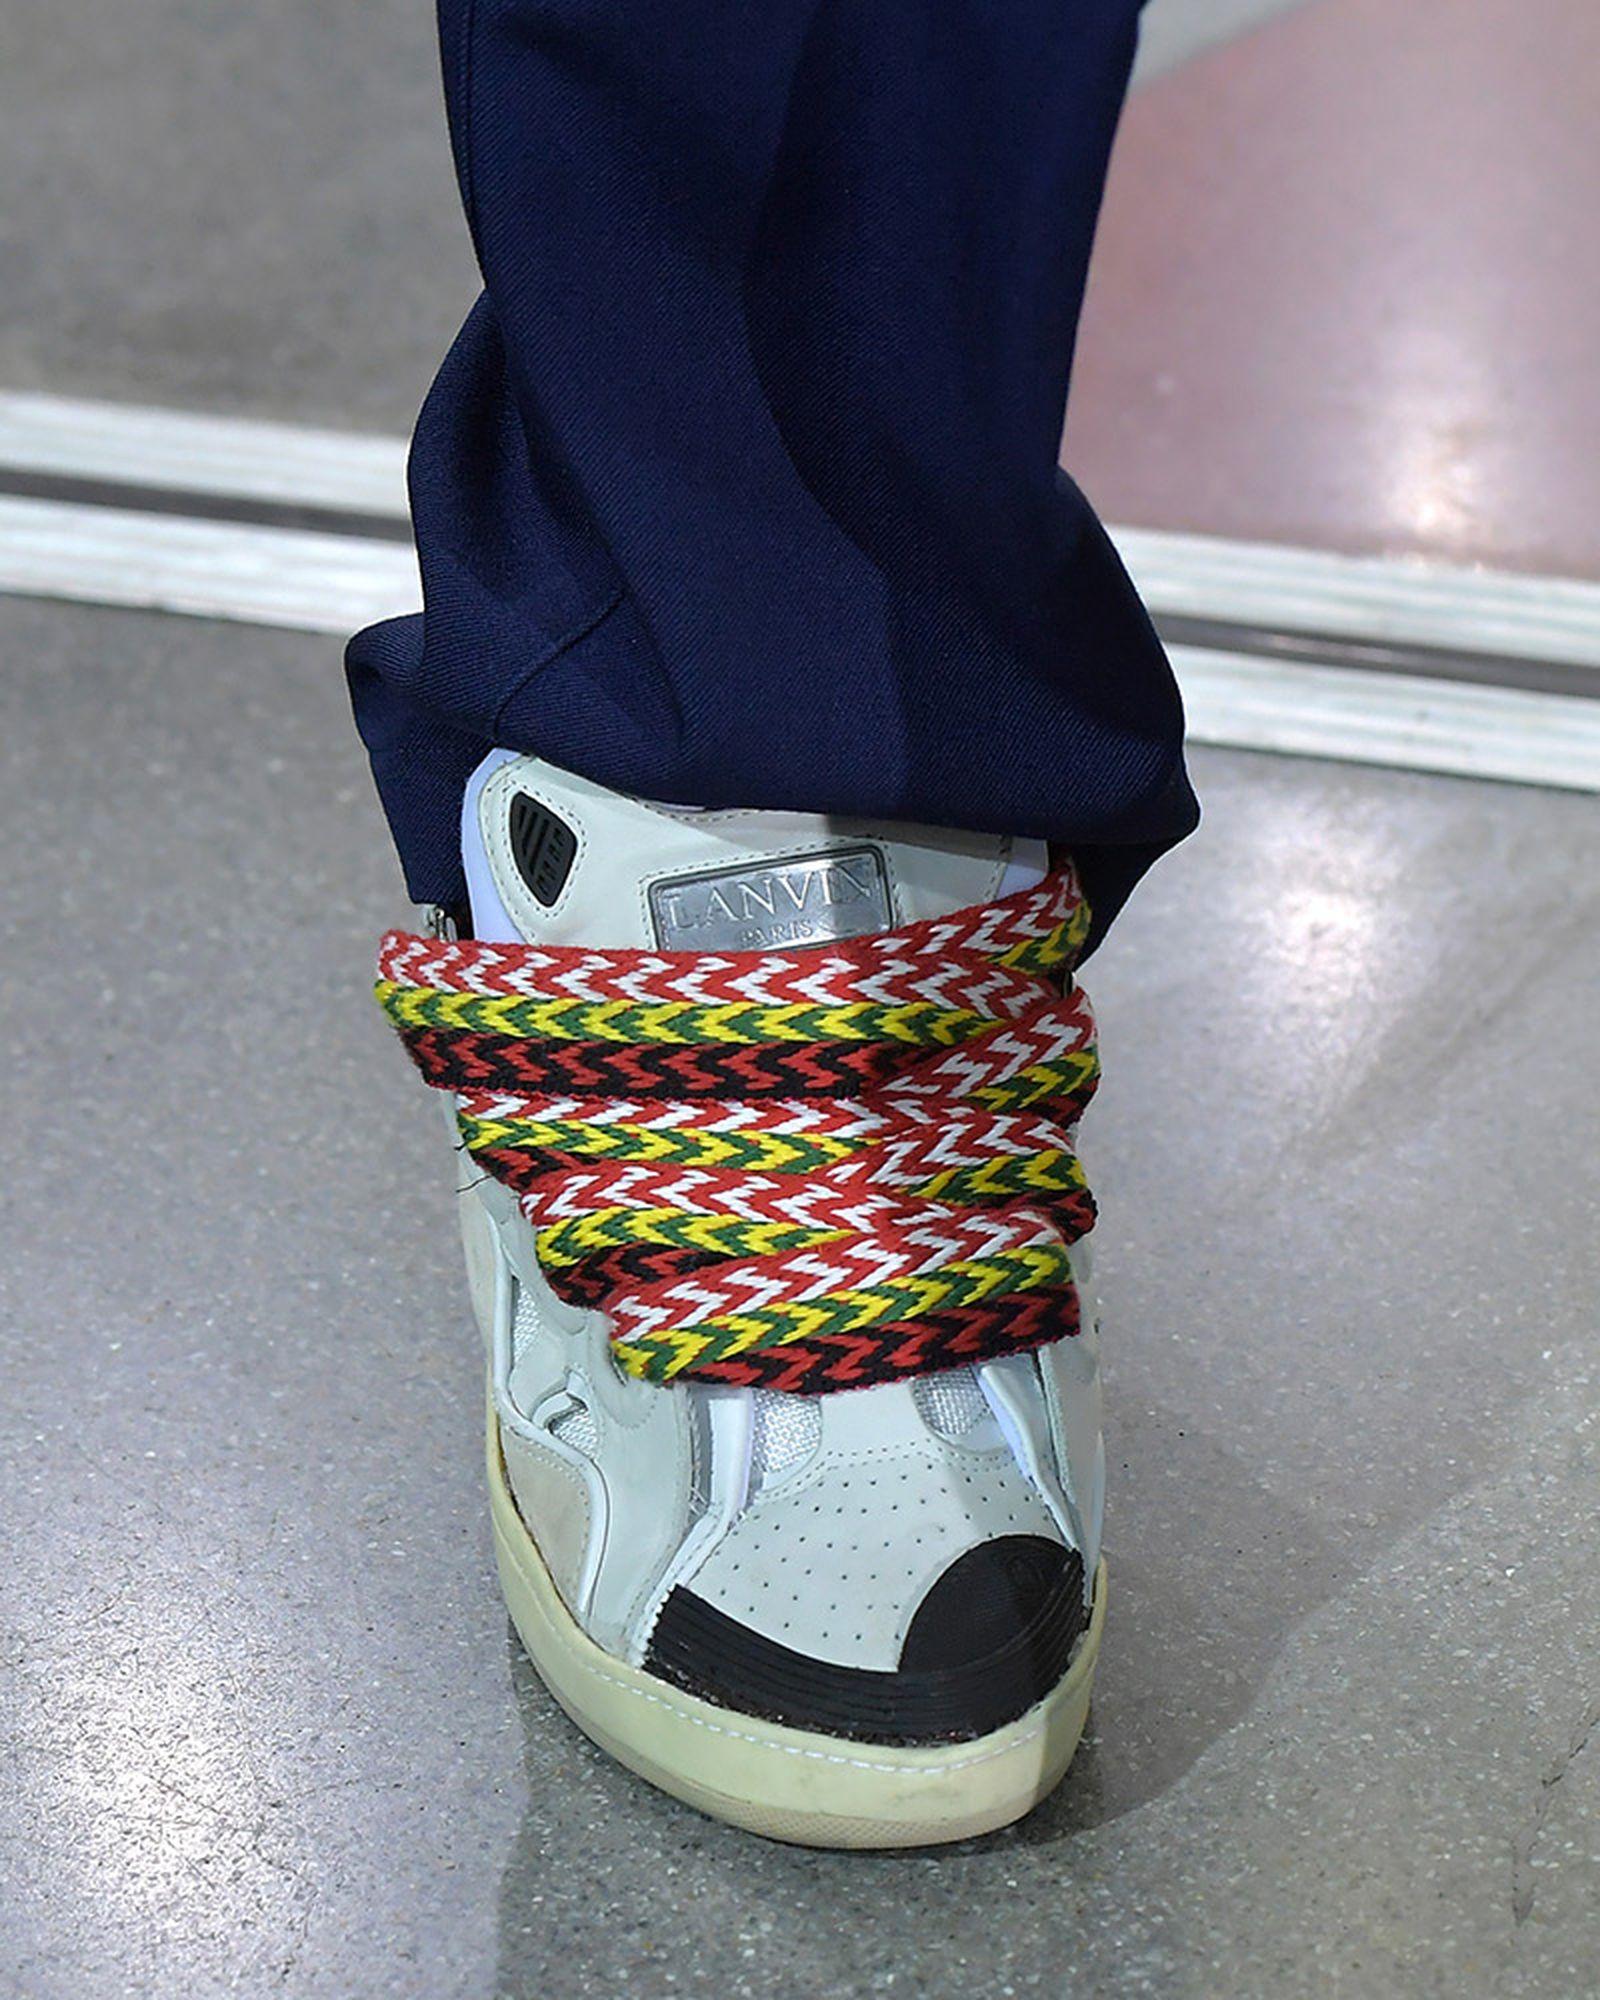 lanvin-paris-fashion-week-fw20-sneaker-02